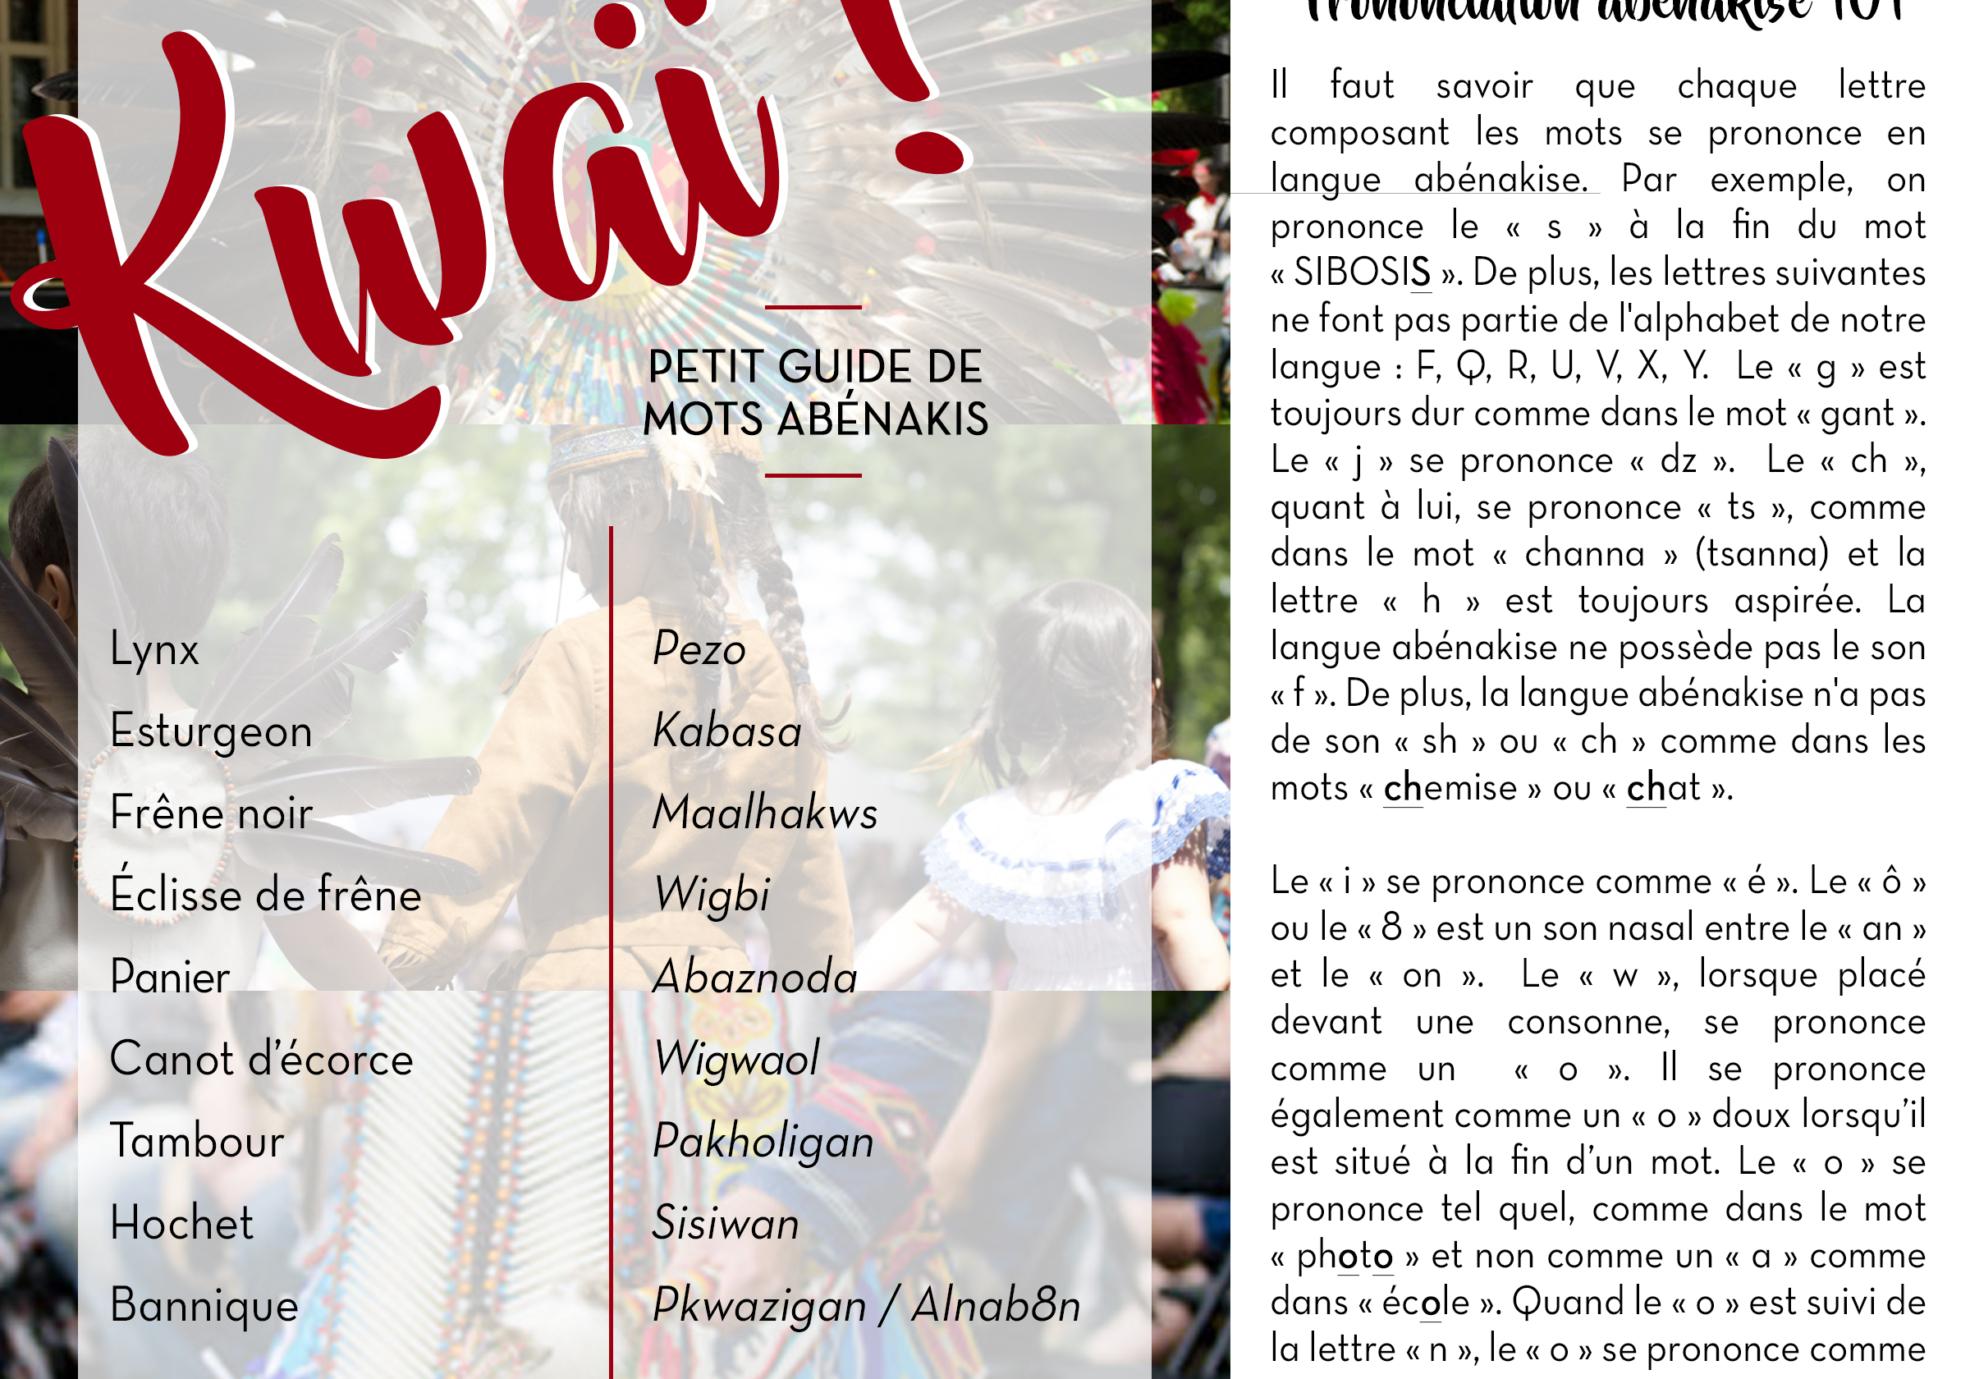 GCNWA_Petit-guide-de-mots-en-Abenakis_FINAL